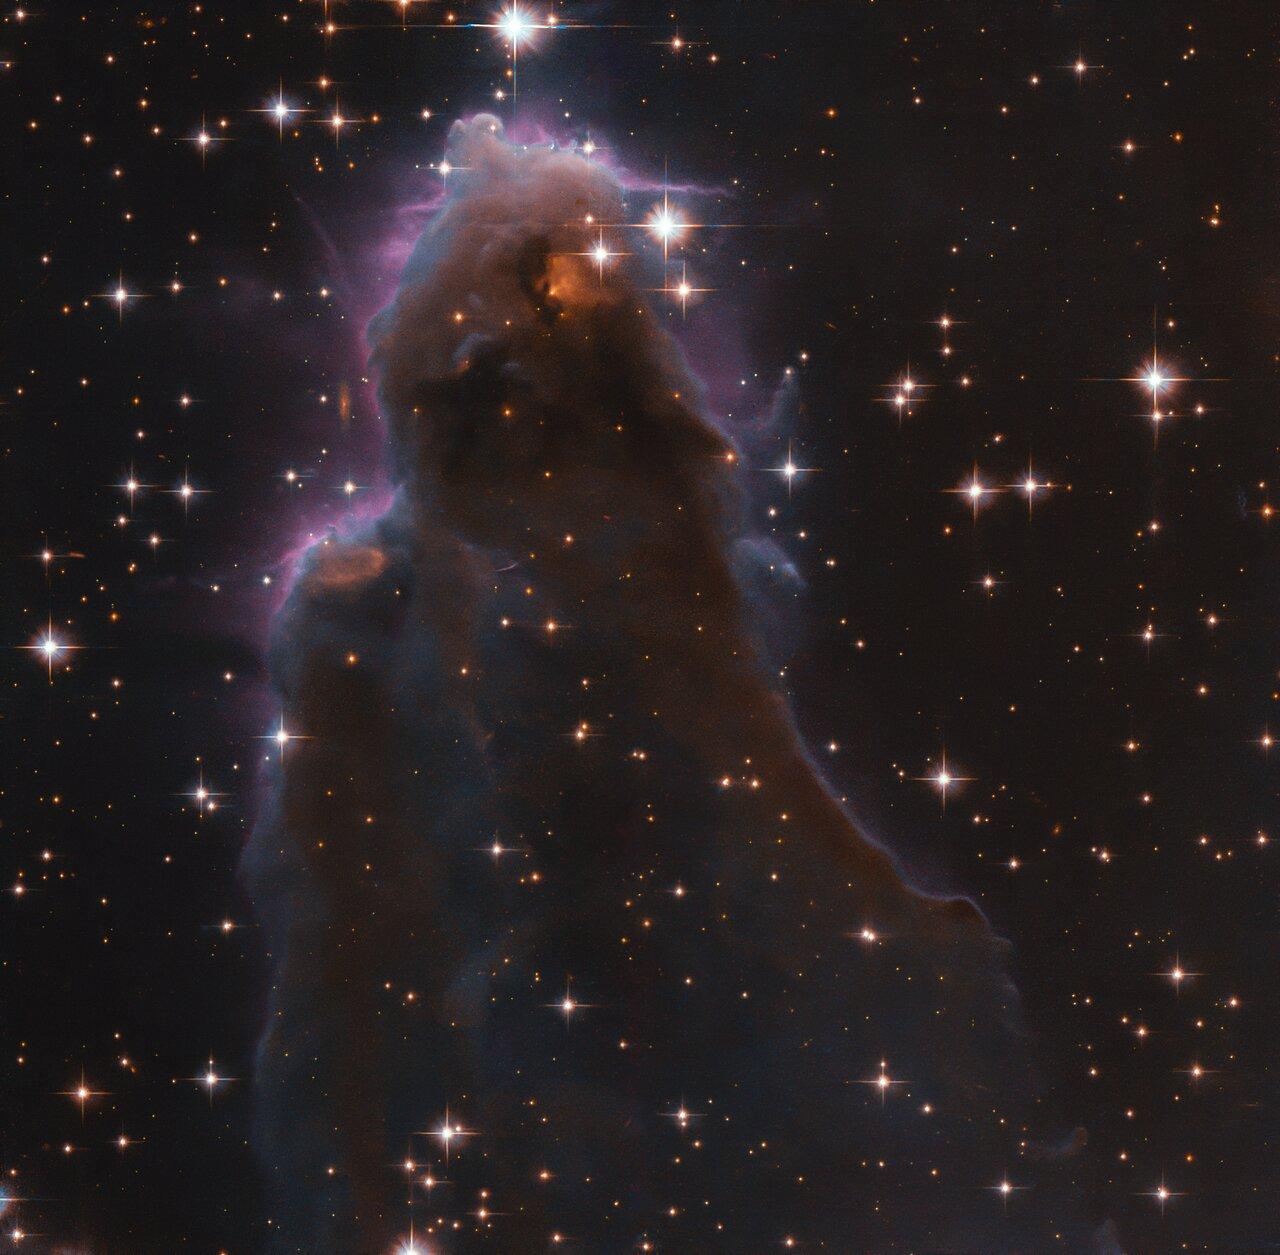 Телескоп Хаббл запечатлел звездные «ясли» на захватывающем снимке